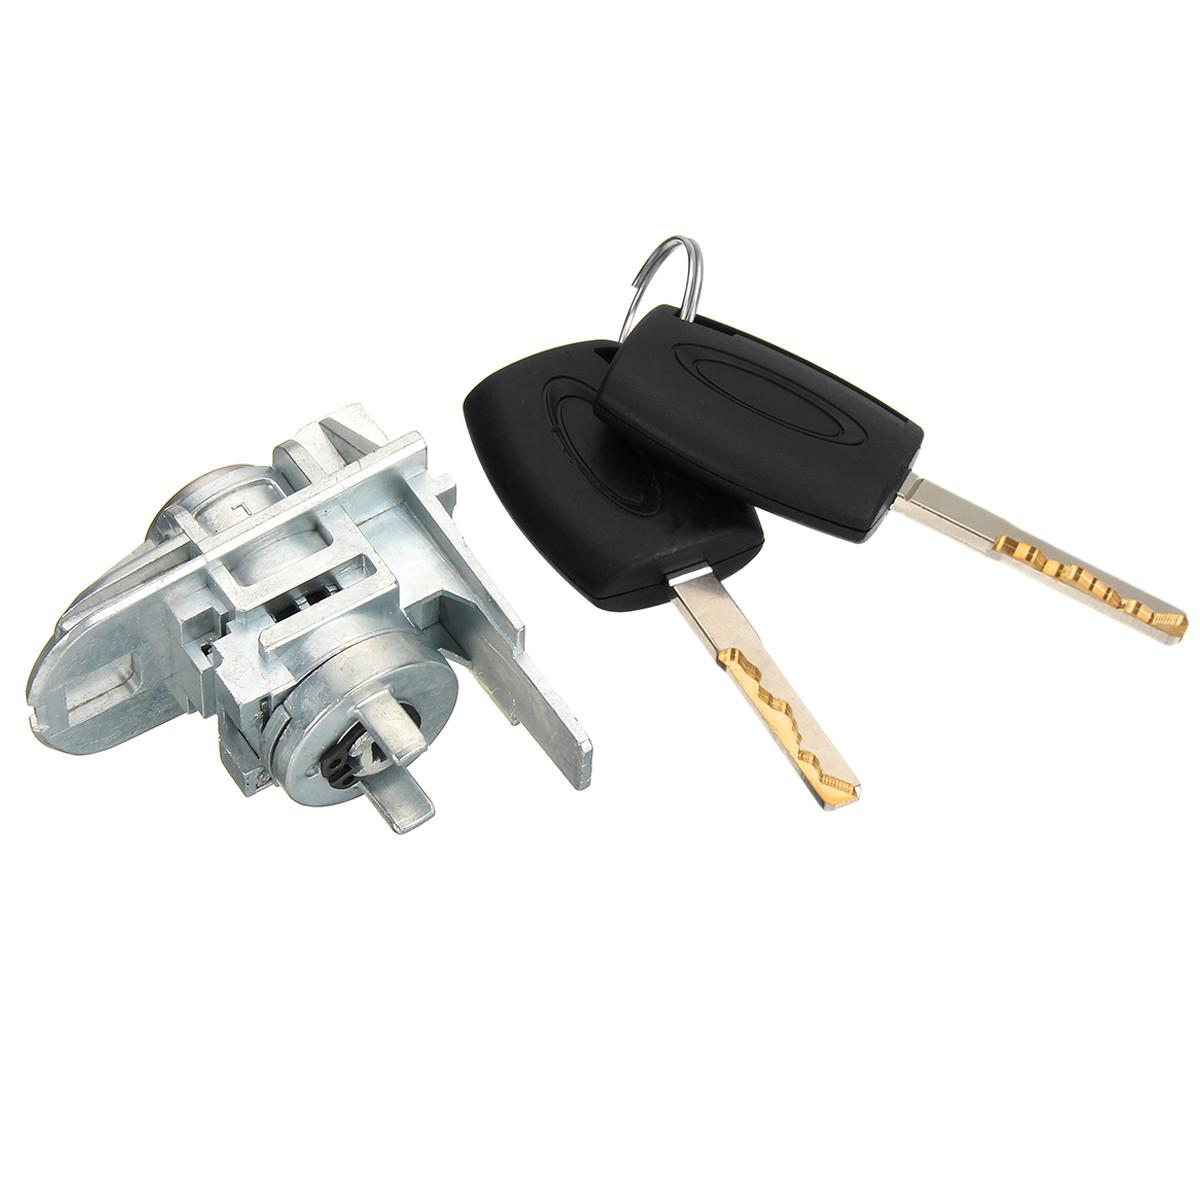 Заменный замок для передней двери авто C 2 Ключами для Ford Focus C-Max S-Max 1552849-1TopShop